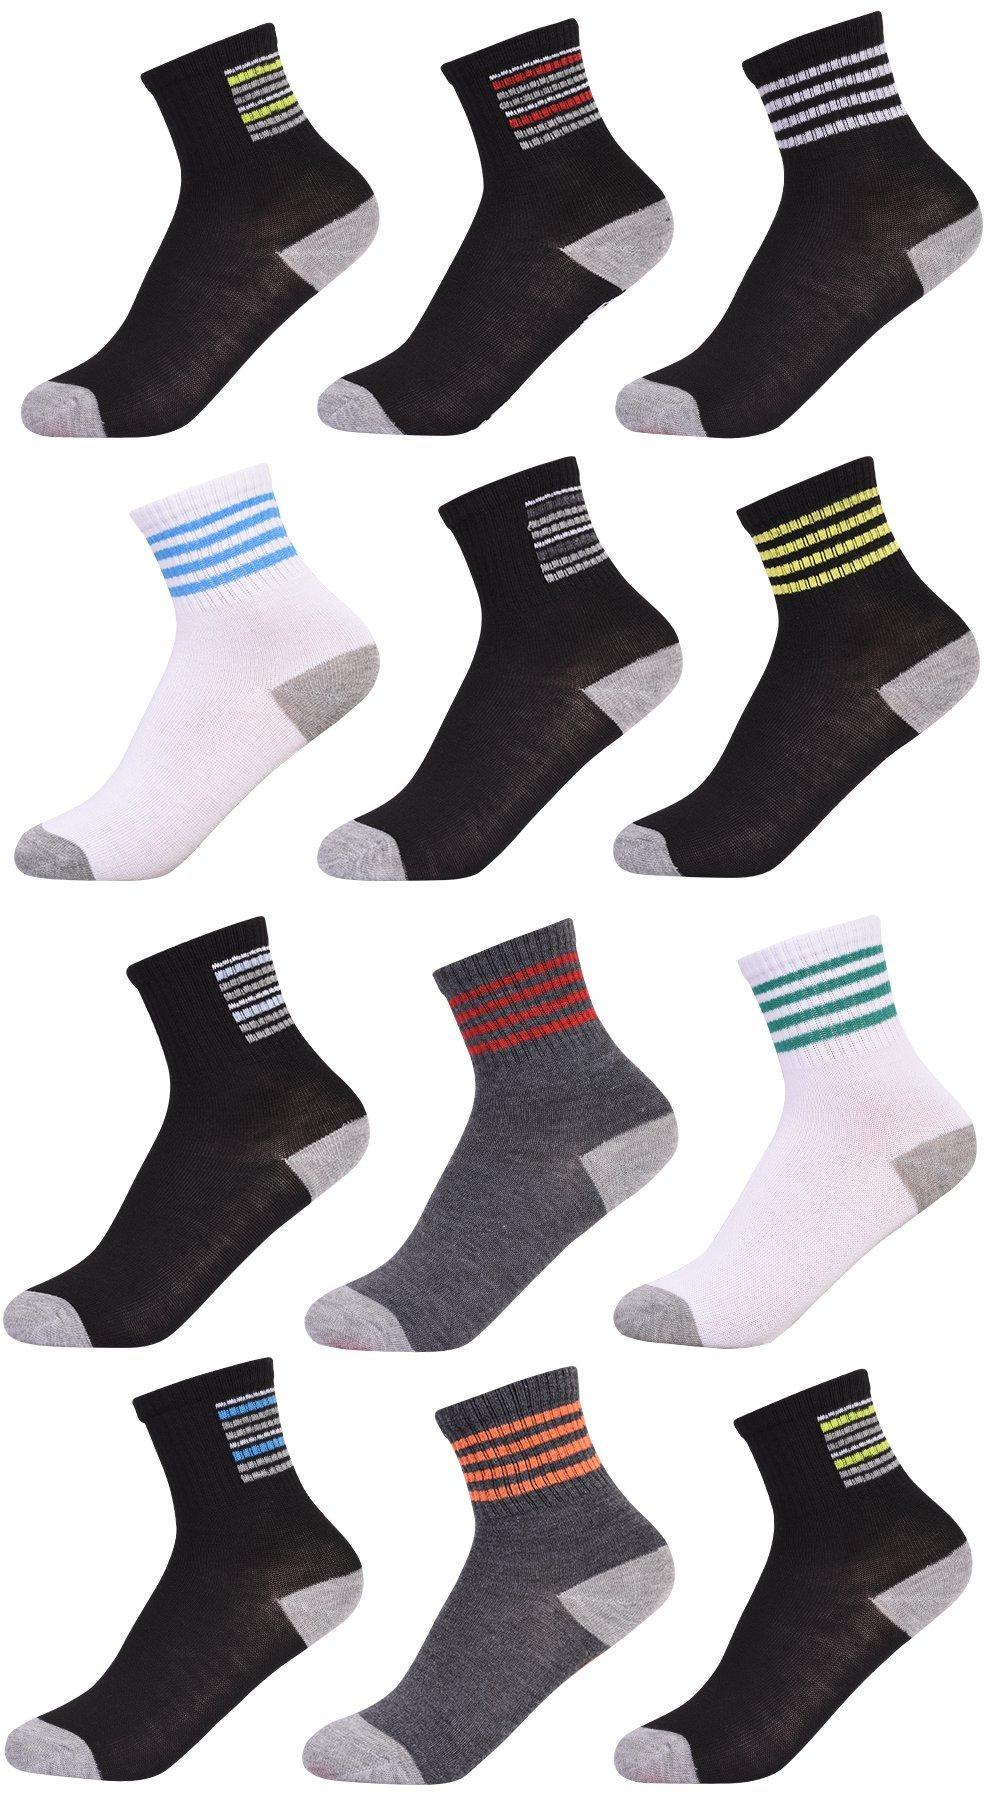 'Heelys Boys 12 Pack Crew Socks, Dark Multi, Size 9-11'